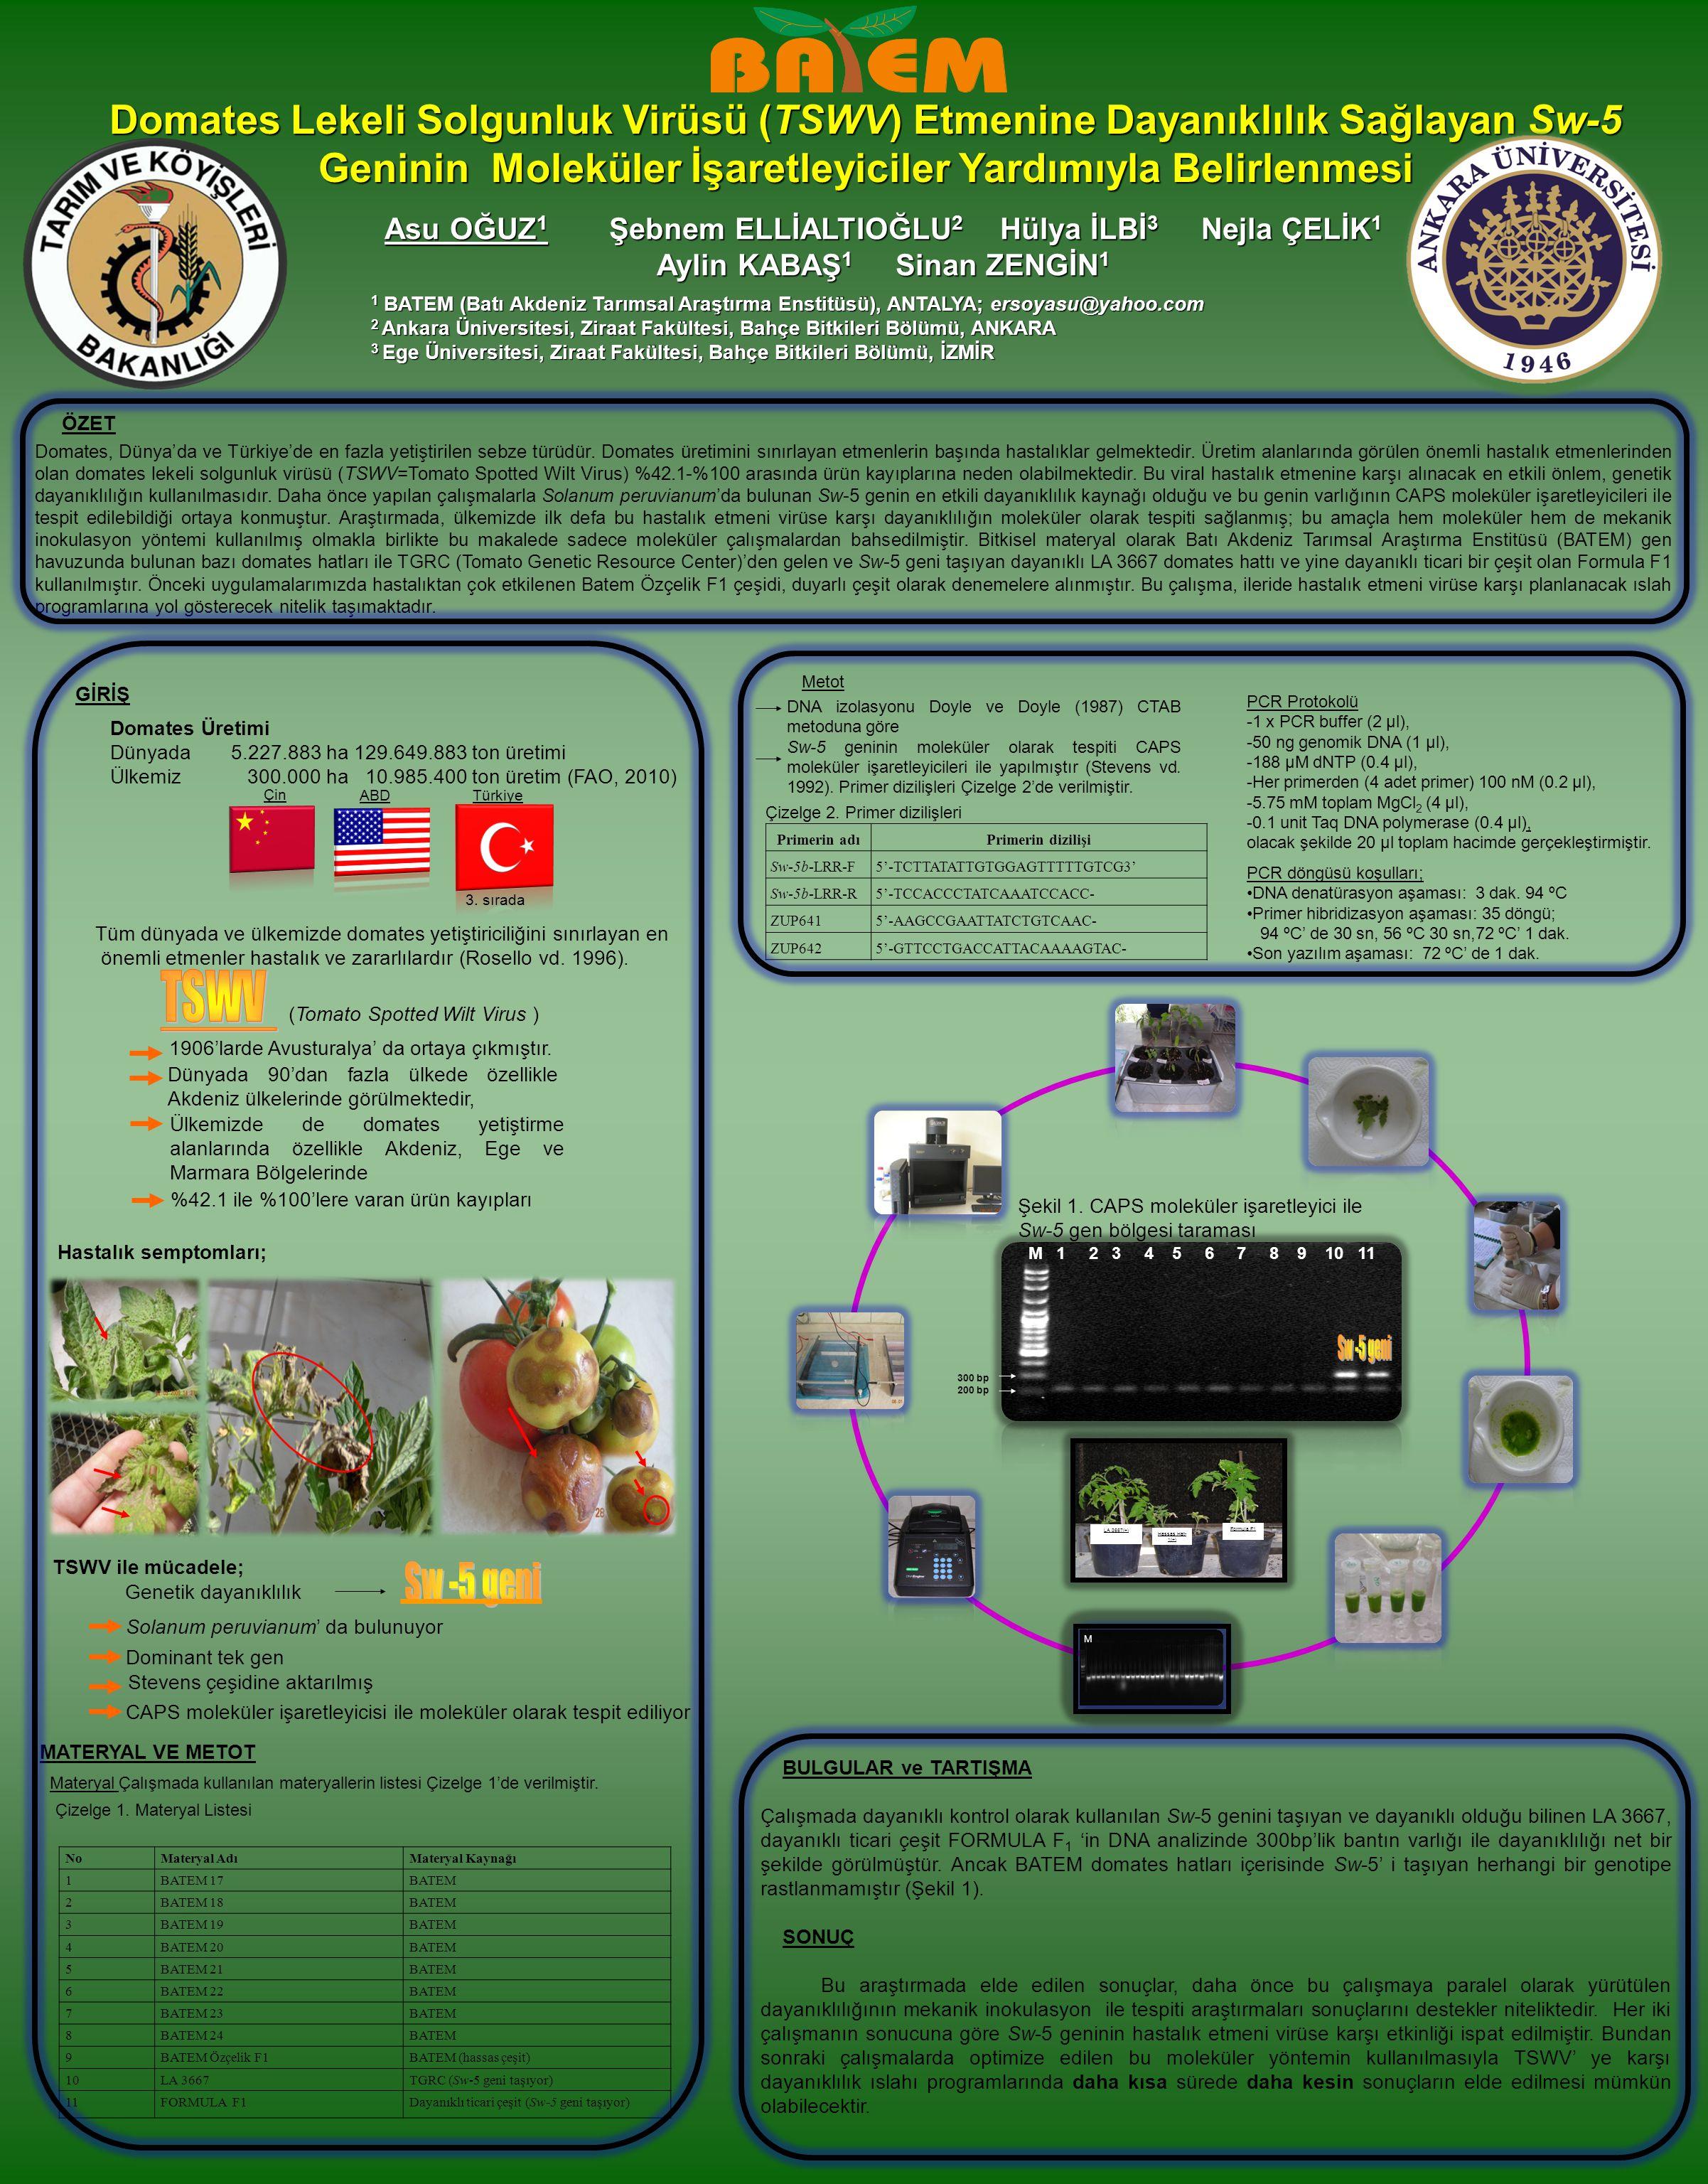 Domates Lekeli Solgunluk Virüsü (TSWV) Etmenine Dayanıklılık Sağlayan Sw-5 Geninin Moleküler İşaretleyiciler Yardımıyla Belirlenmesi